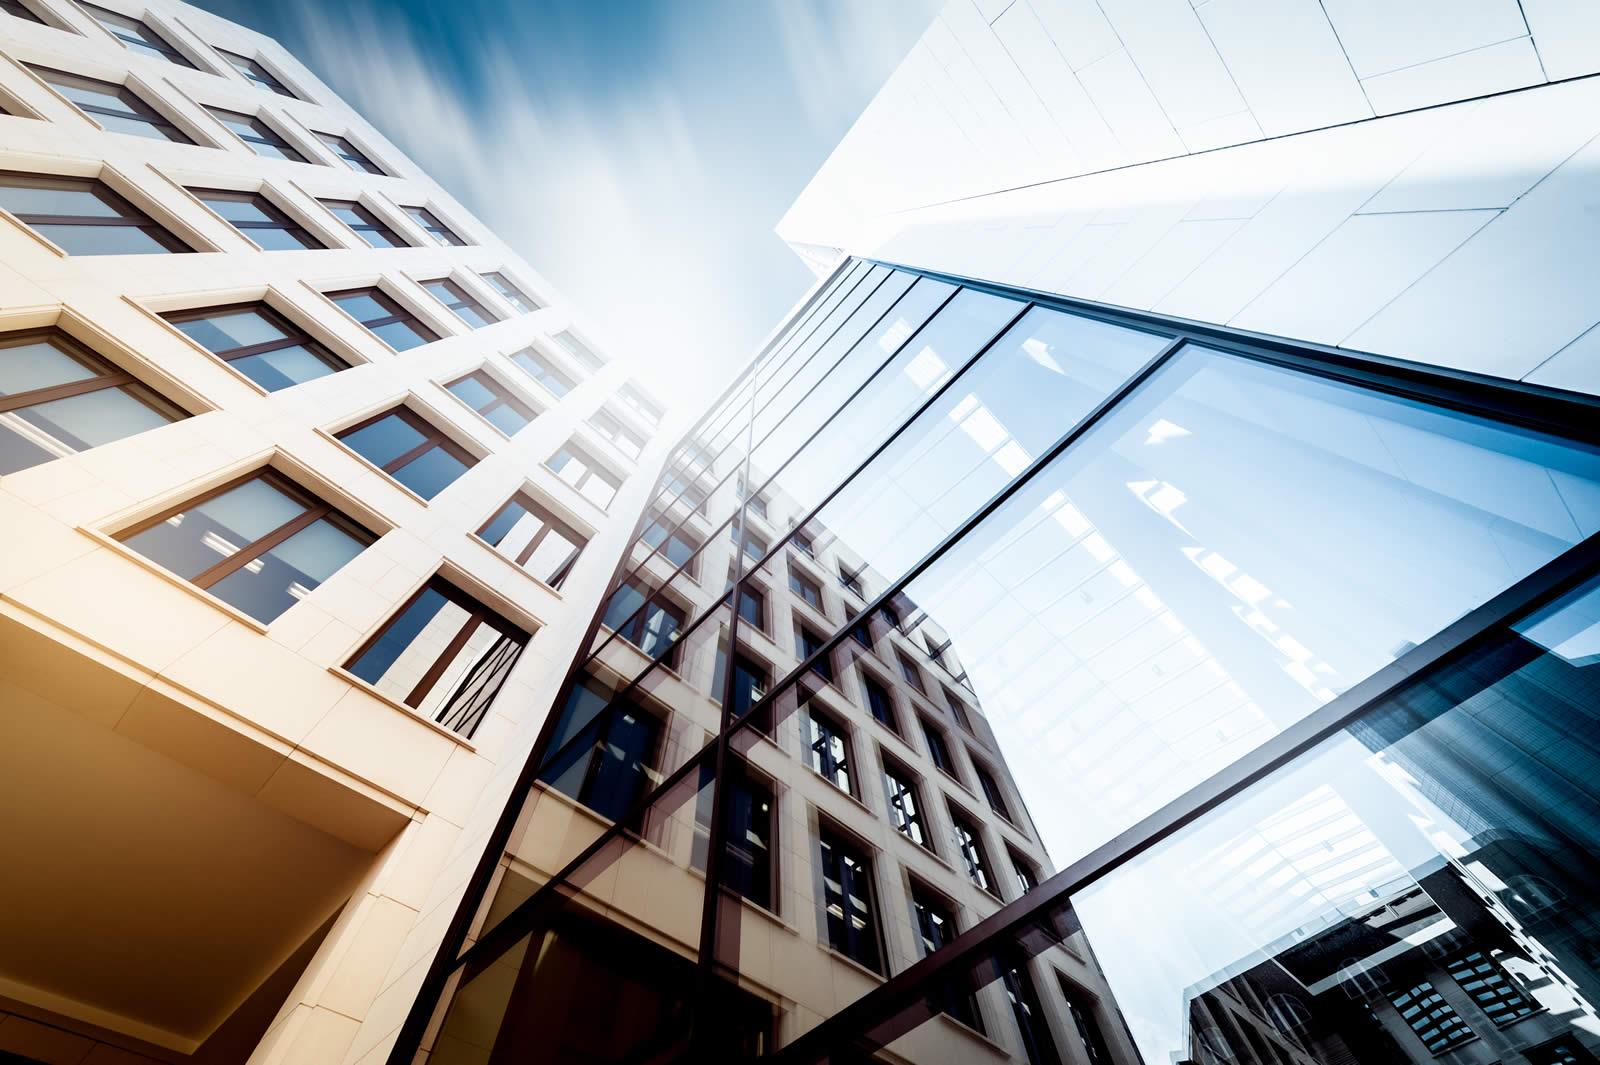 Baux commerciaux– comment gérer vos loyers impayés ?